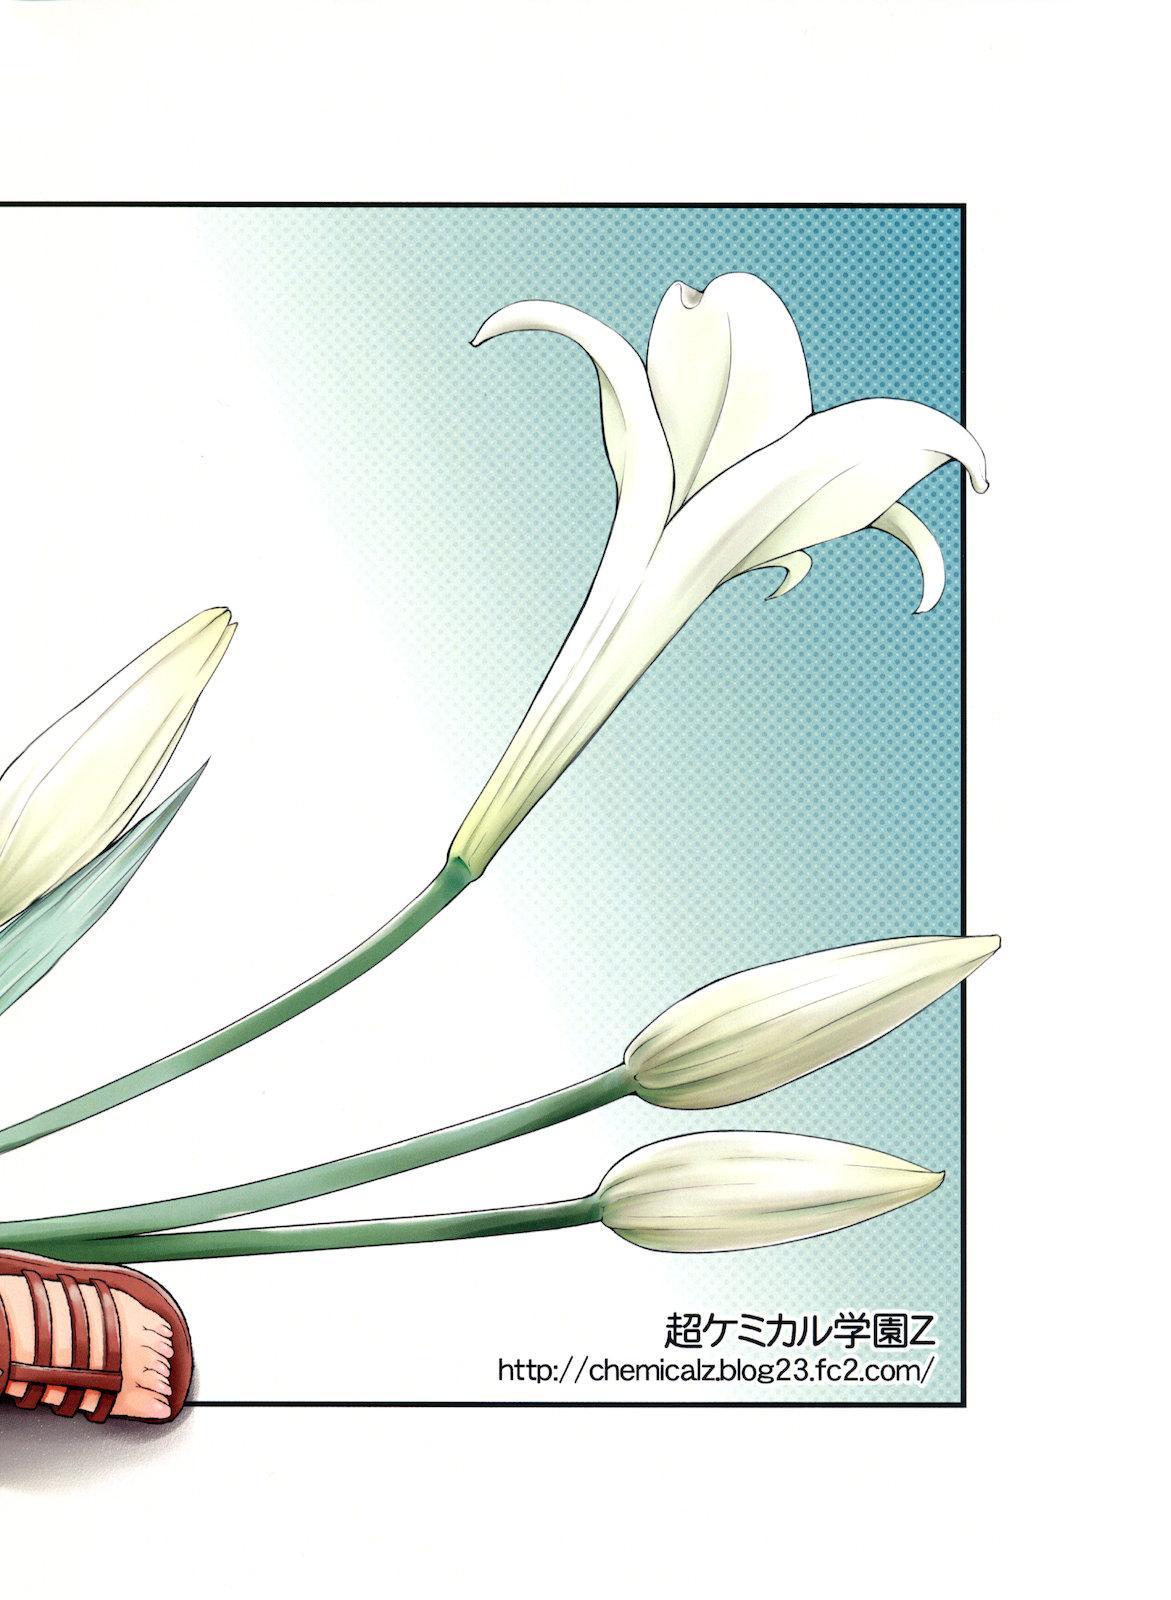 Moshi Honto ni Boku ga Otoko no Ko datta to shitemo... 24